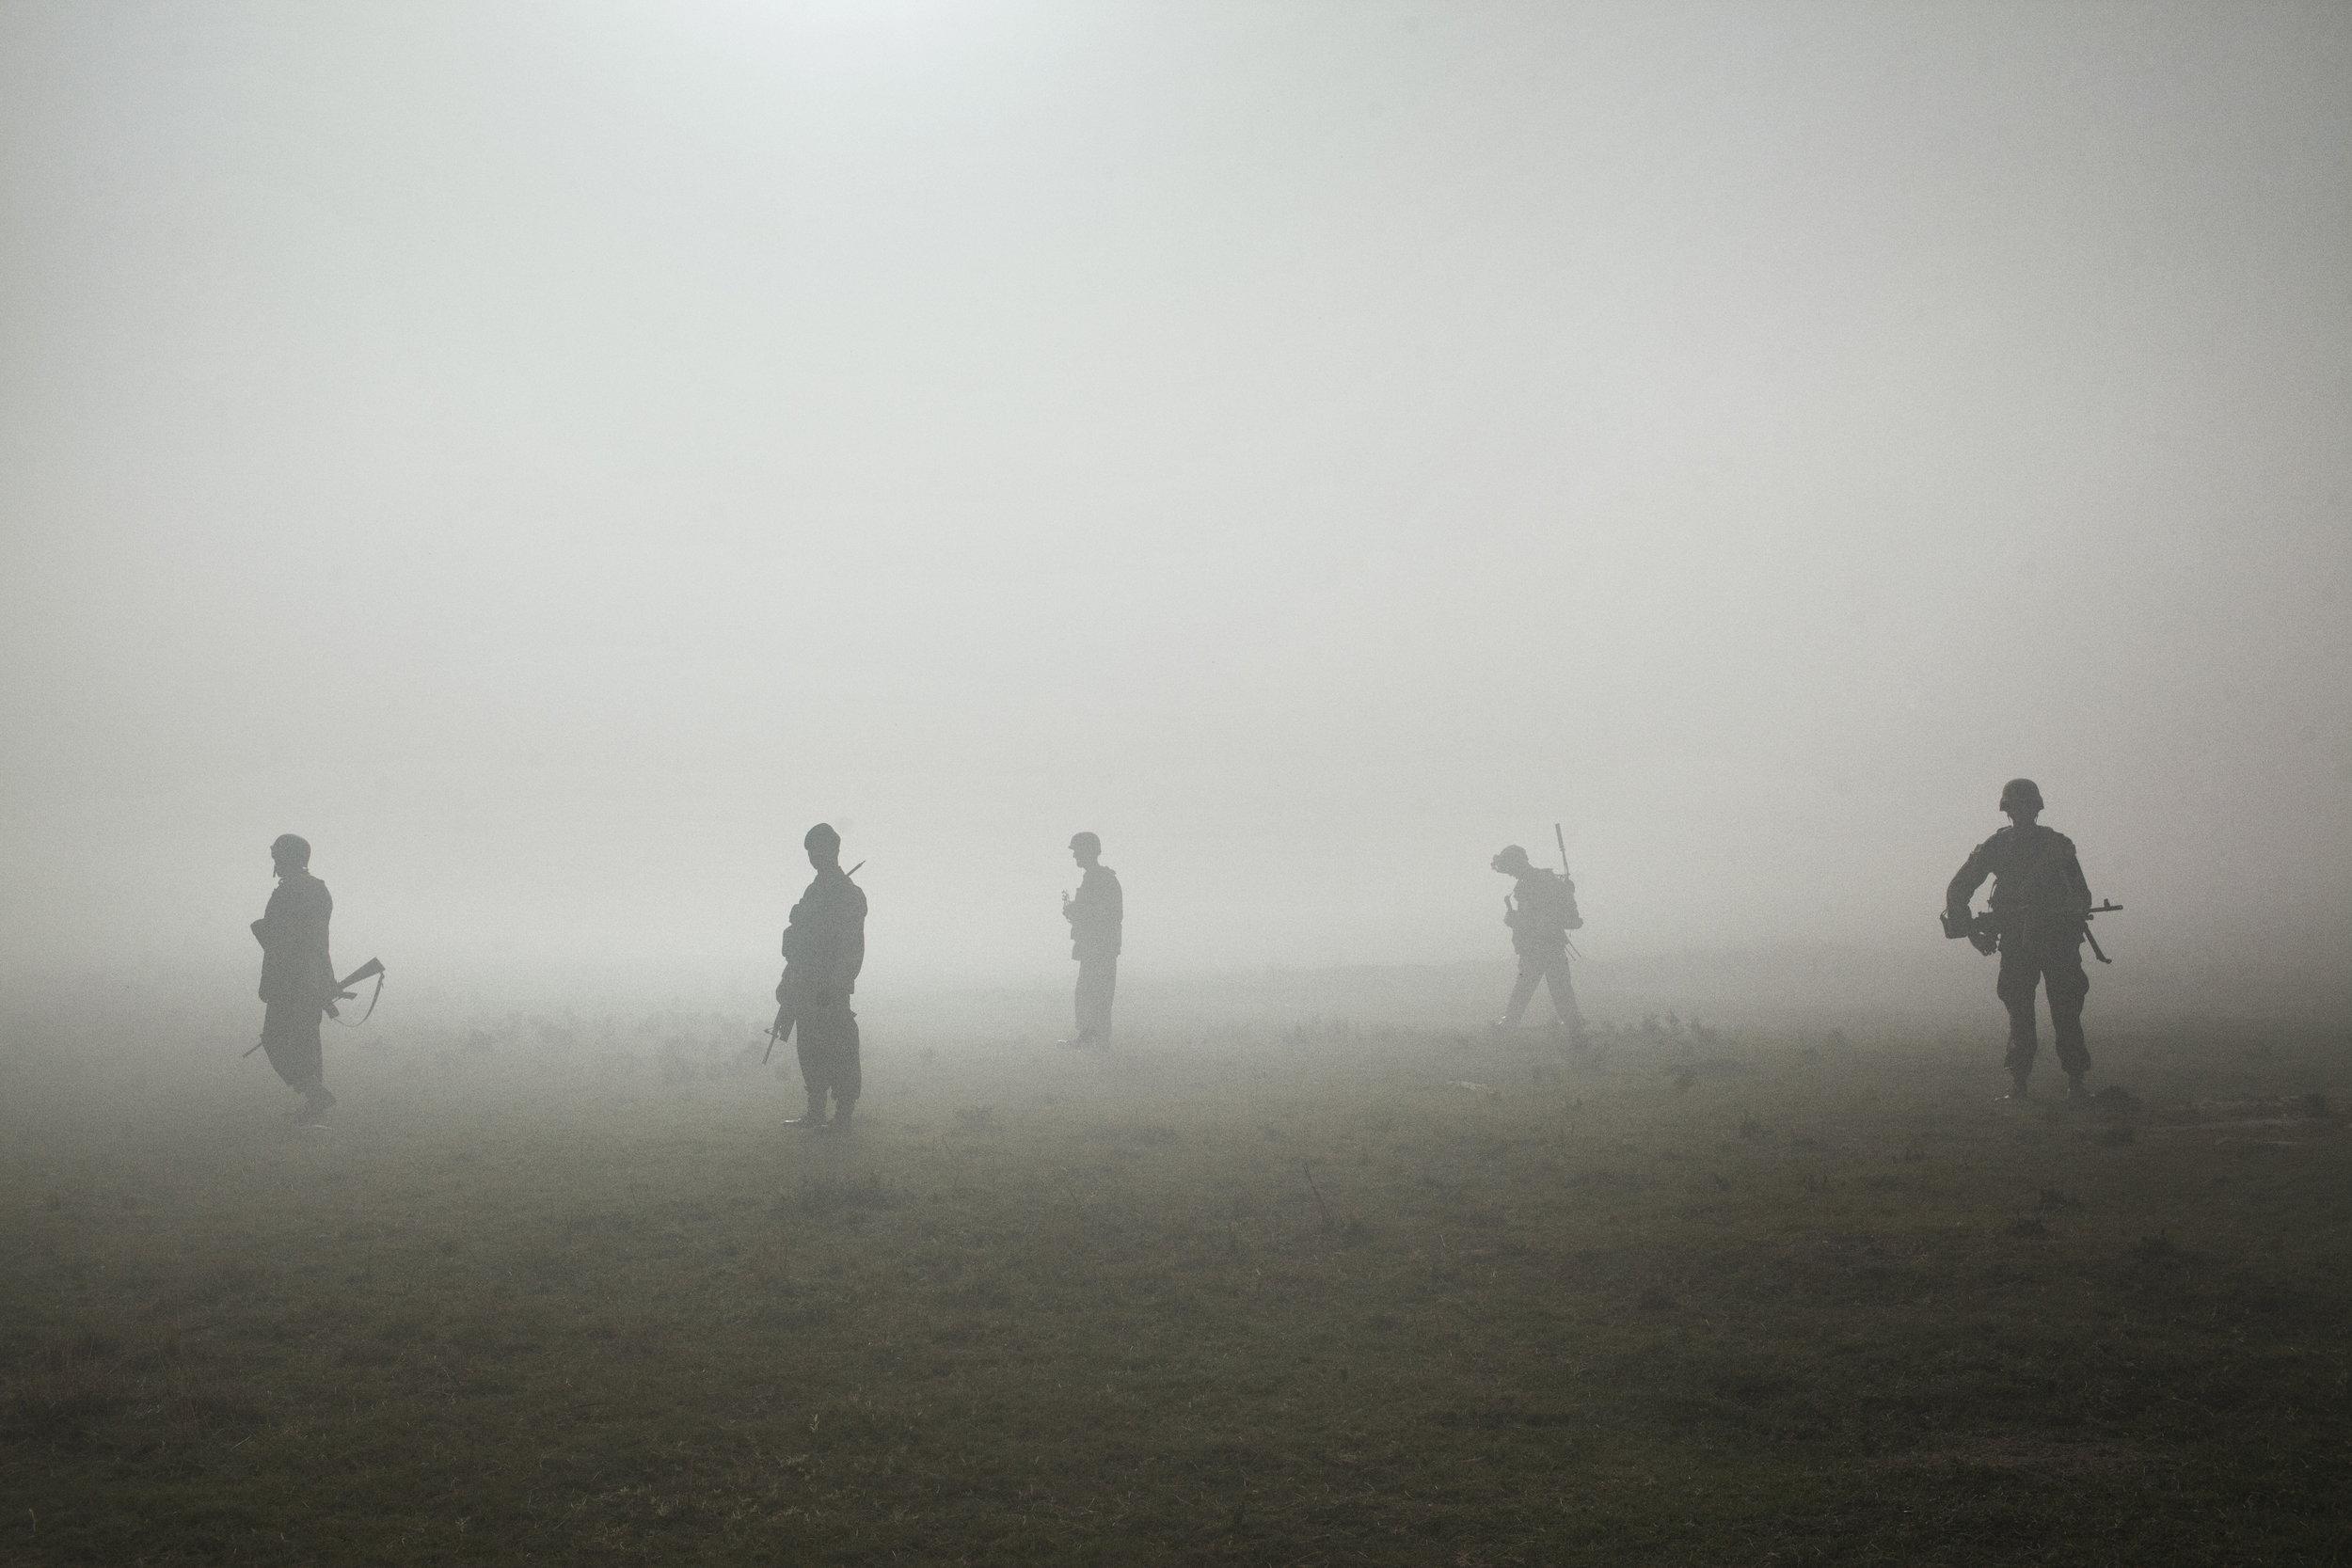 Sebastian_Meyer_Afghanistan_21.jpg